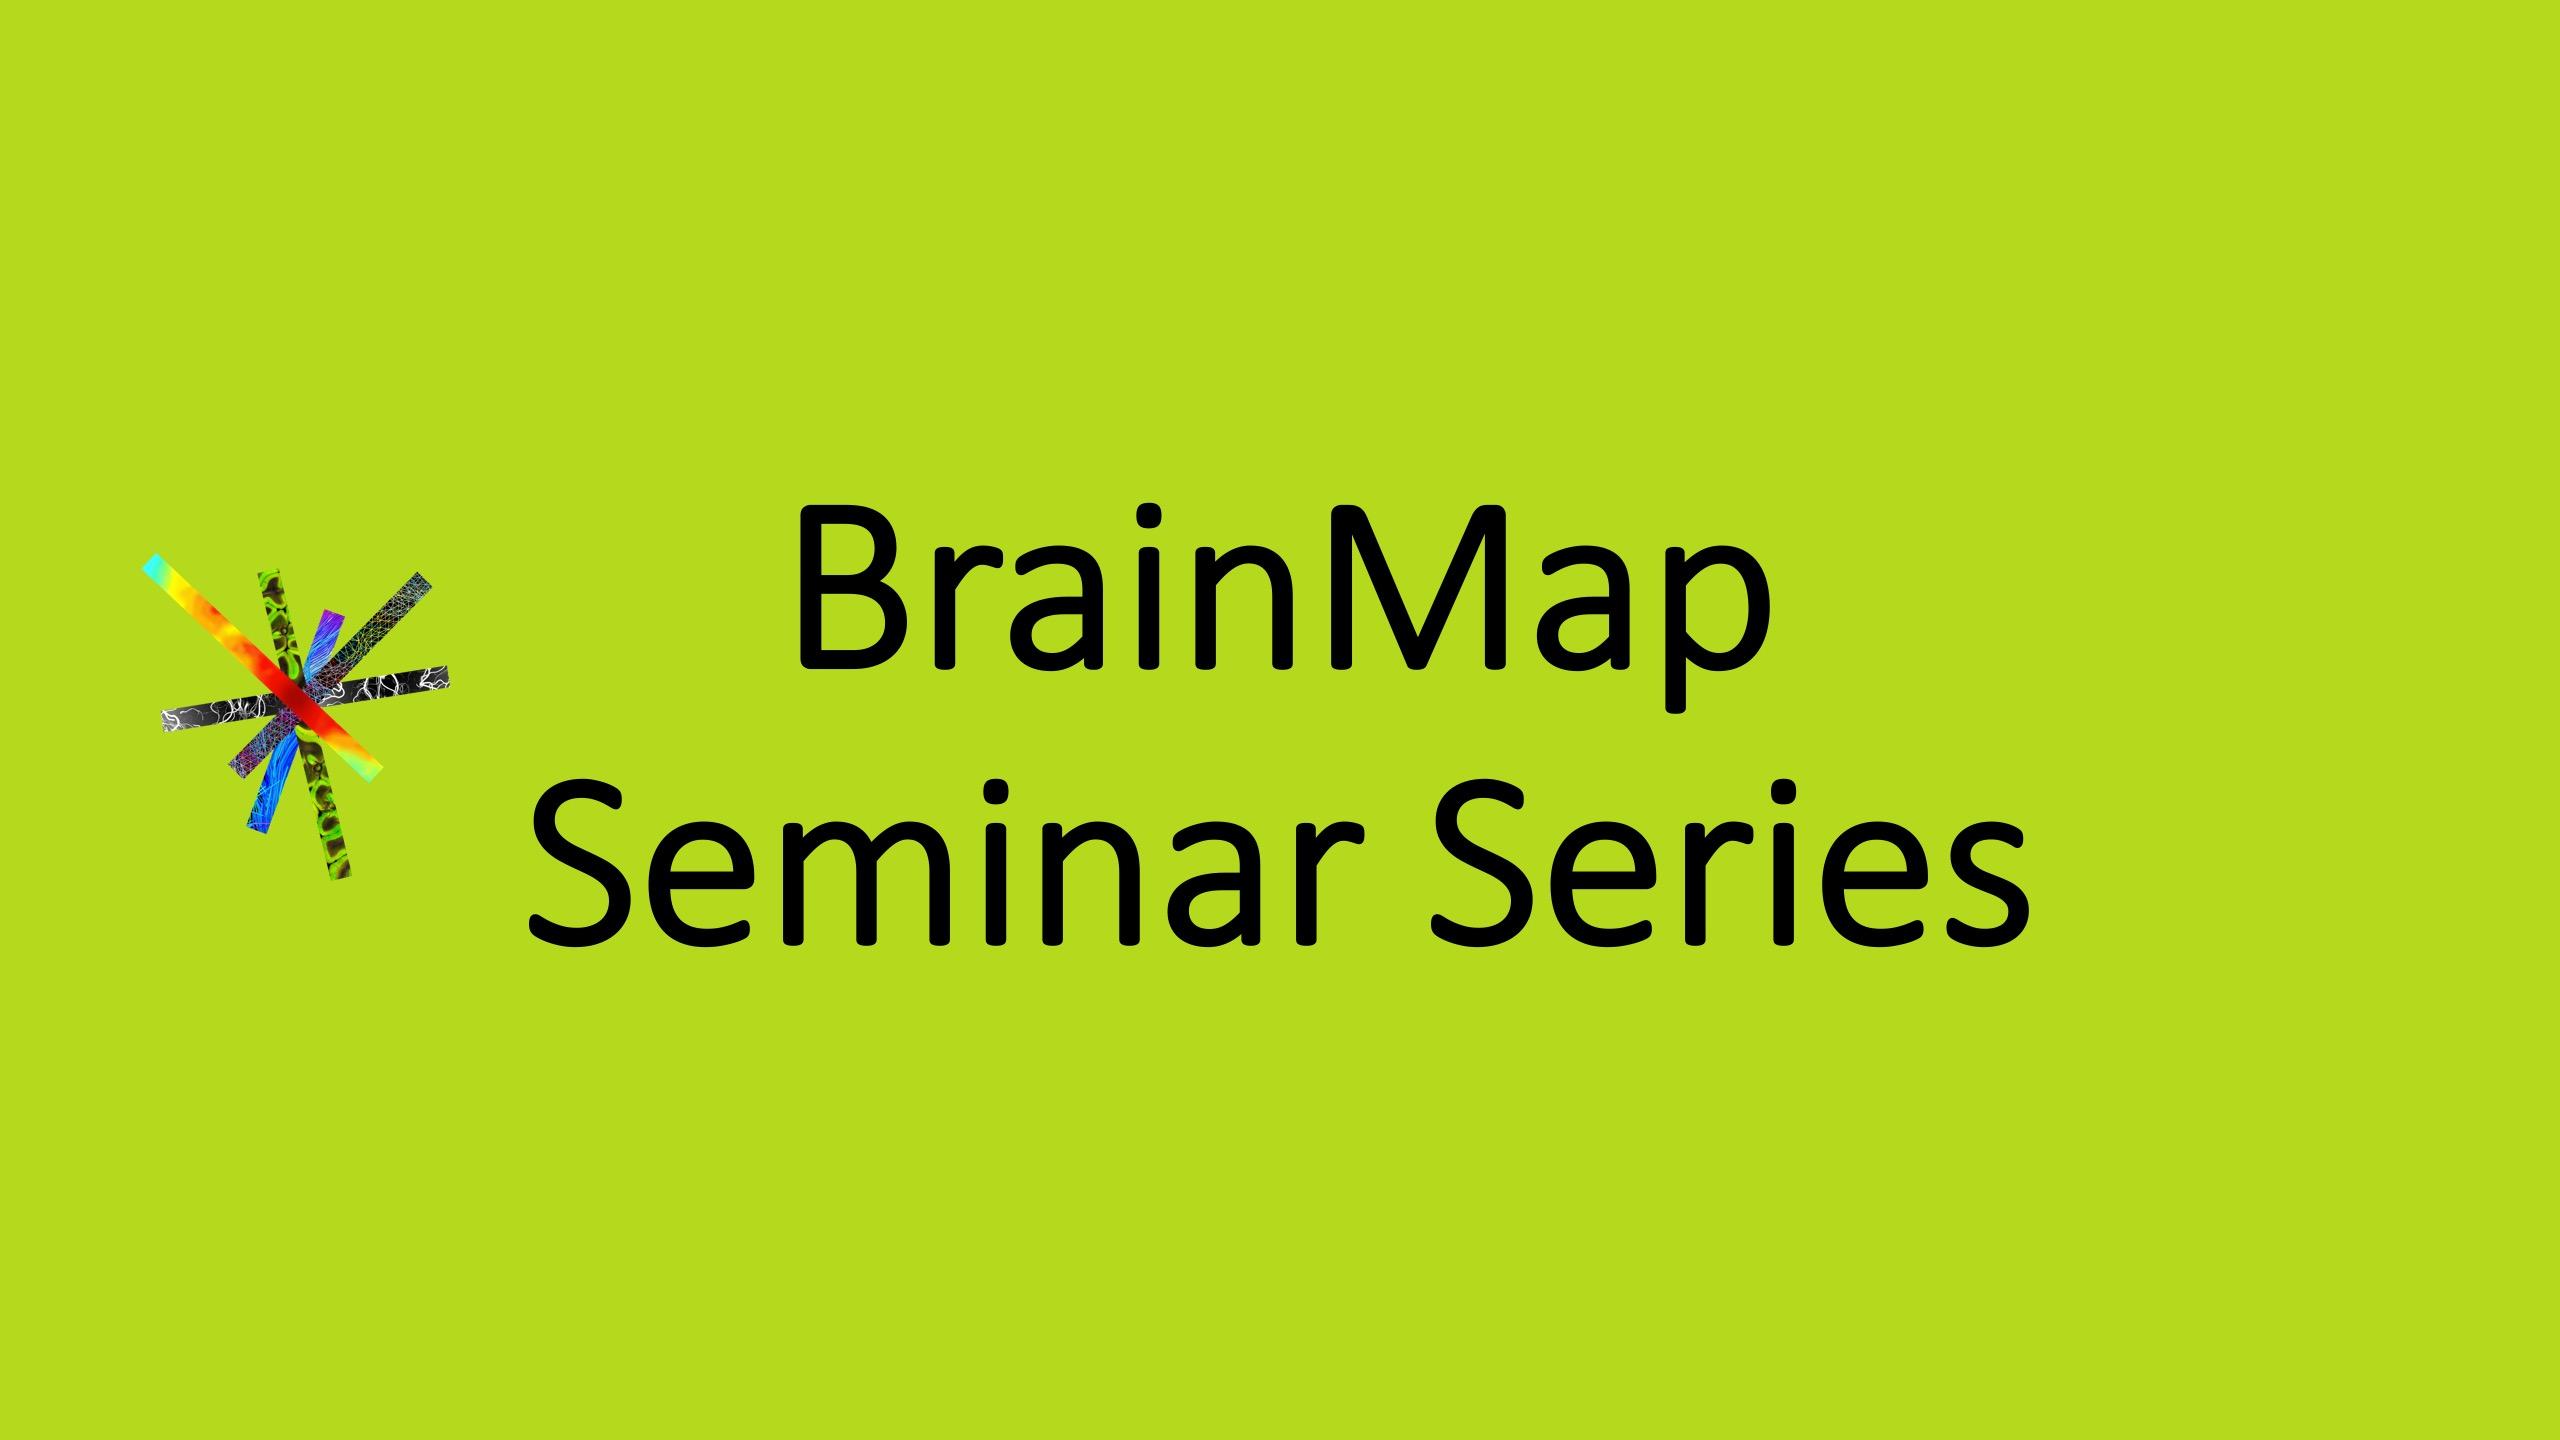 BrainMap Seminar Series